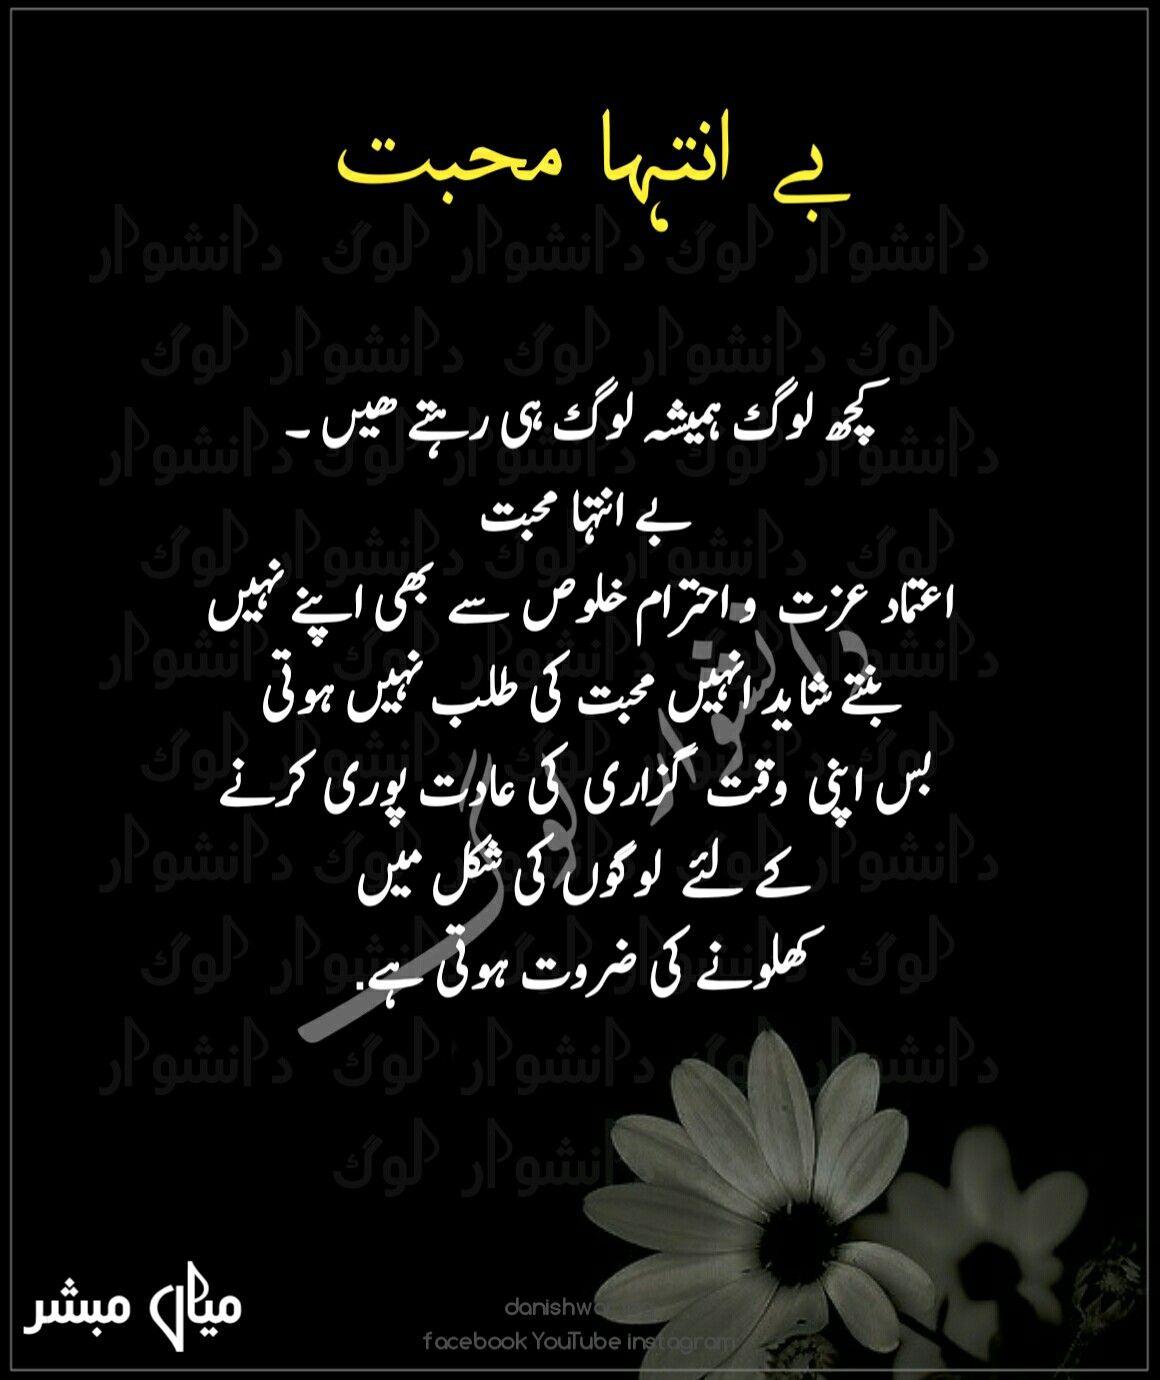 Urdu Quotes, Urdu